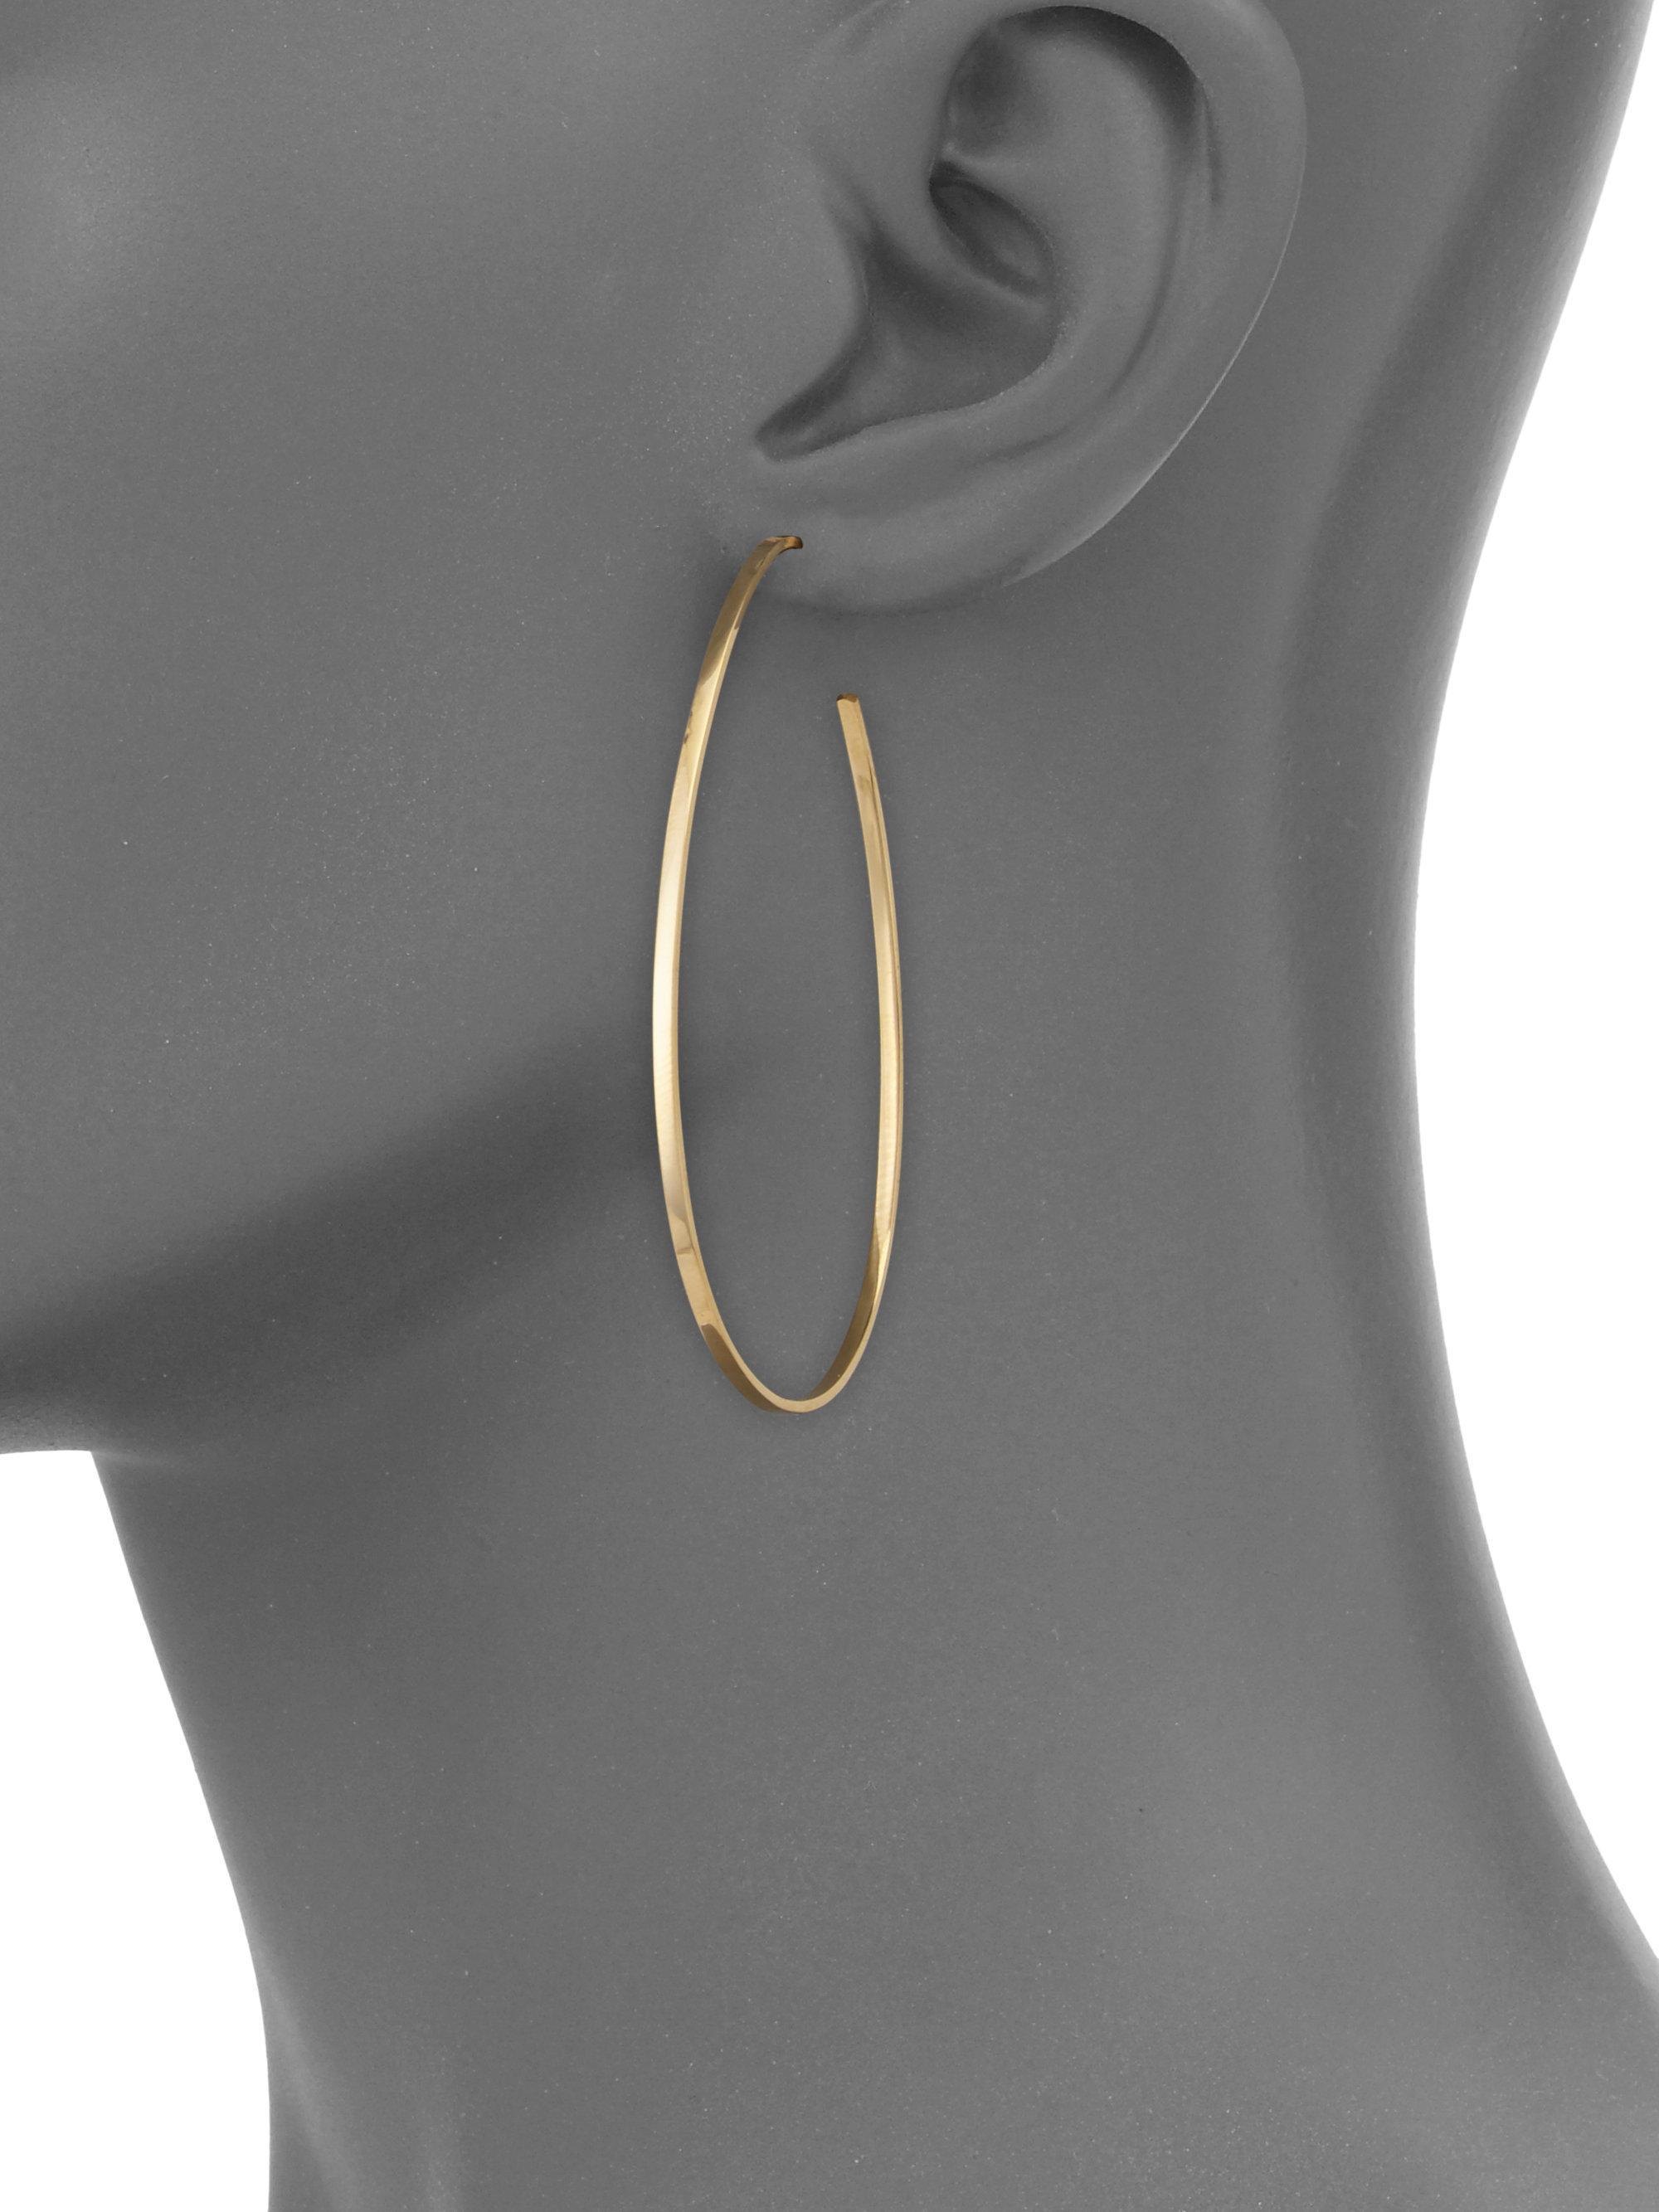 Lana Jewelry Bond Small Tear Hoop Earrings dBgIrEcDLt